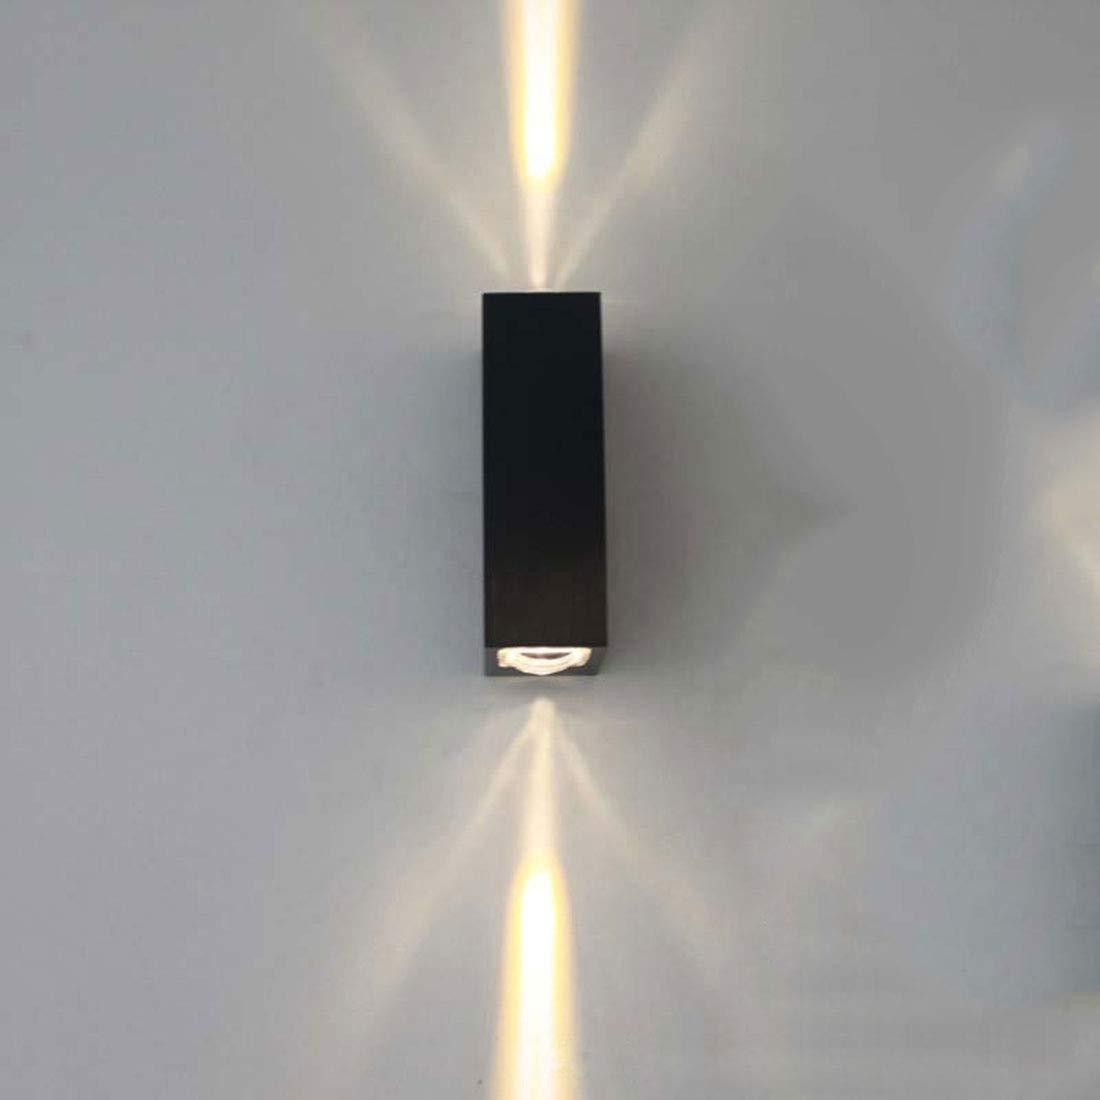 comodamente MAGAI Applique da Parete a LED LED LED Applique da Parete per Esterni Applique da Parete per Interni da Esterno (Colore   Warm bianca)  presentando tutte le ultime tendenze della moda